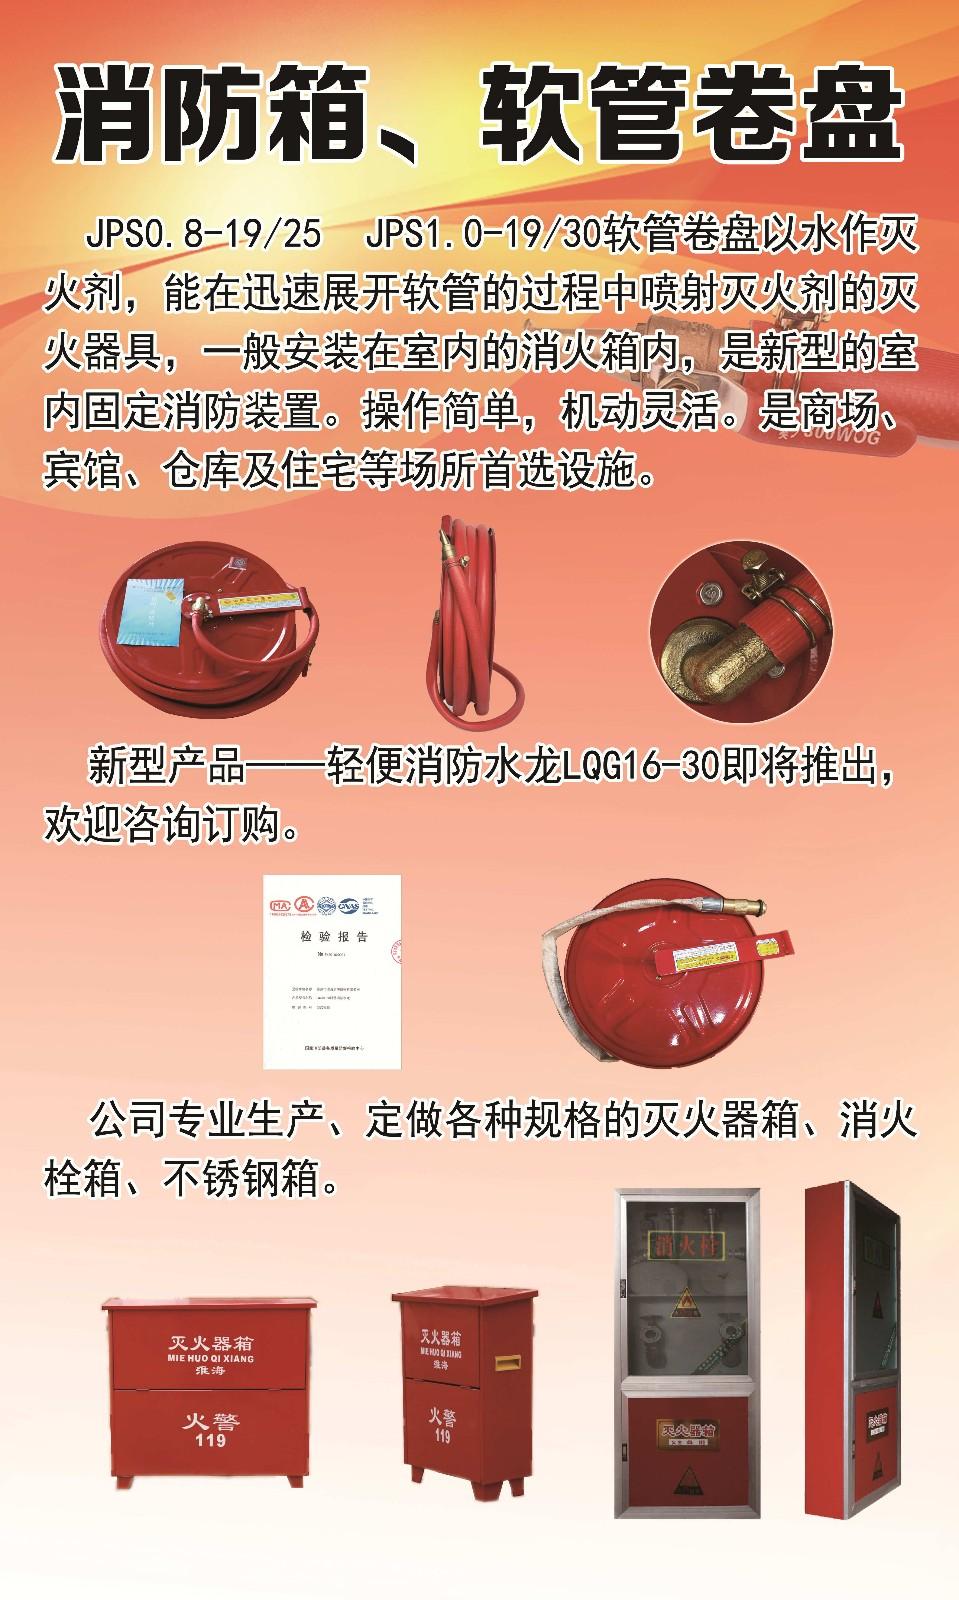 淮海特殊500篇短篇合|500篇短篇合-徐州市淮海消防器材有限公司